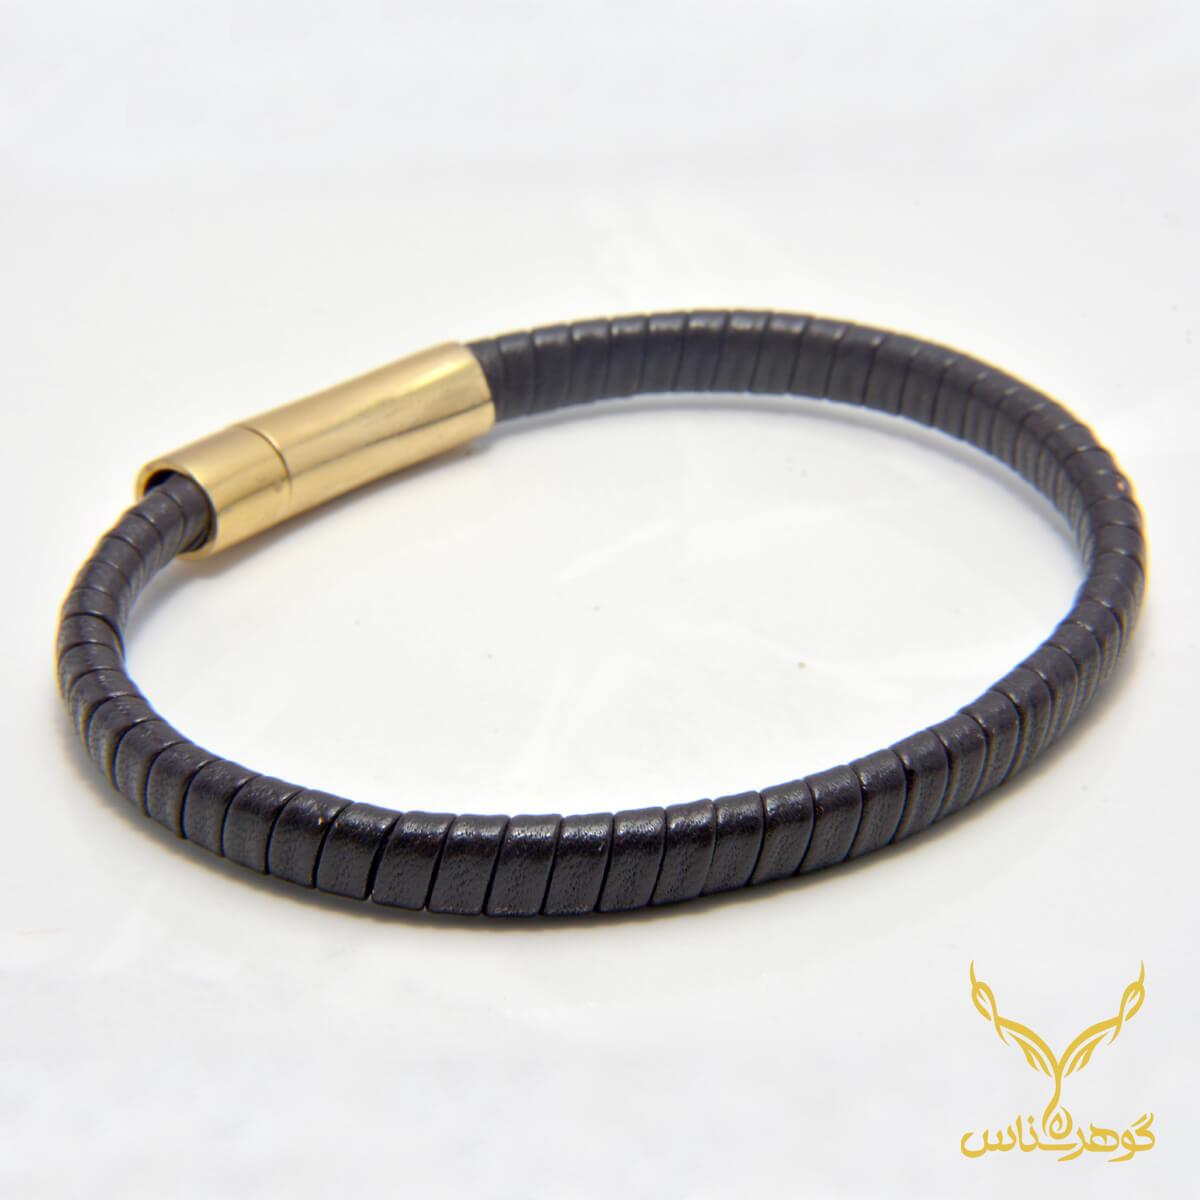 دستبند چرمی کدRD005 دستبند چرم همراه با سنگ یکی از بهترین گزینه ها برای آقایان است.فروشگاه آنلاین گوهرشناس مرکز معتبر خرید جواهرات